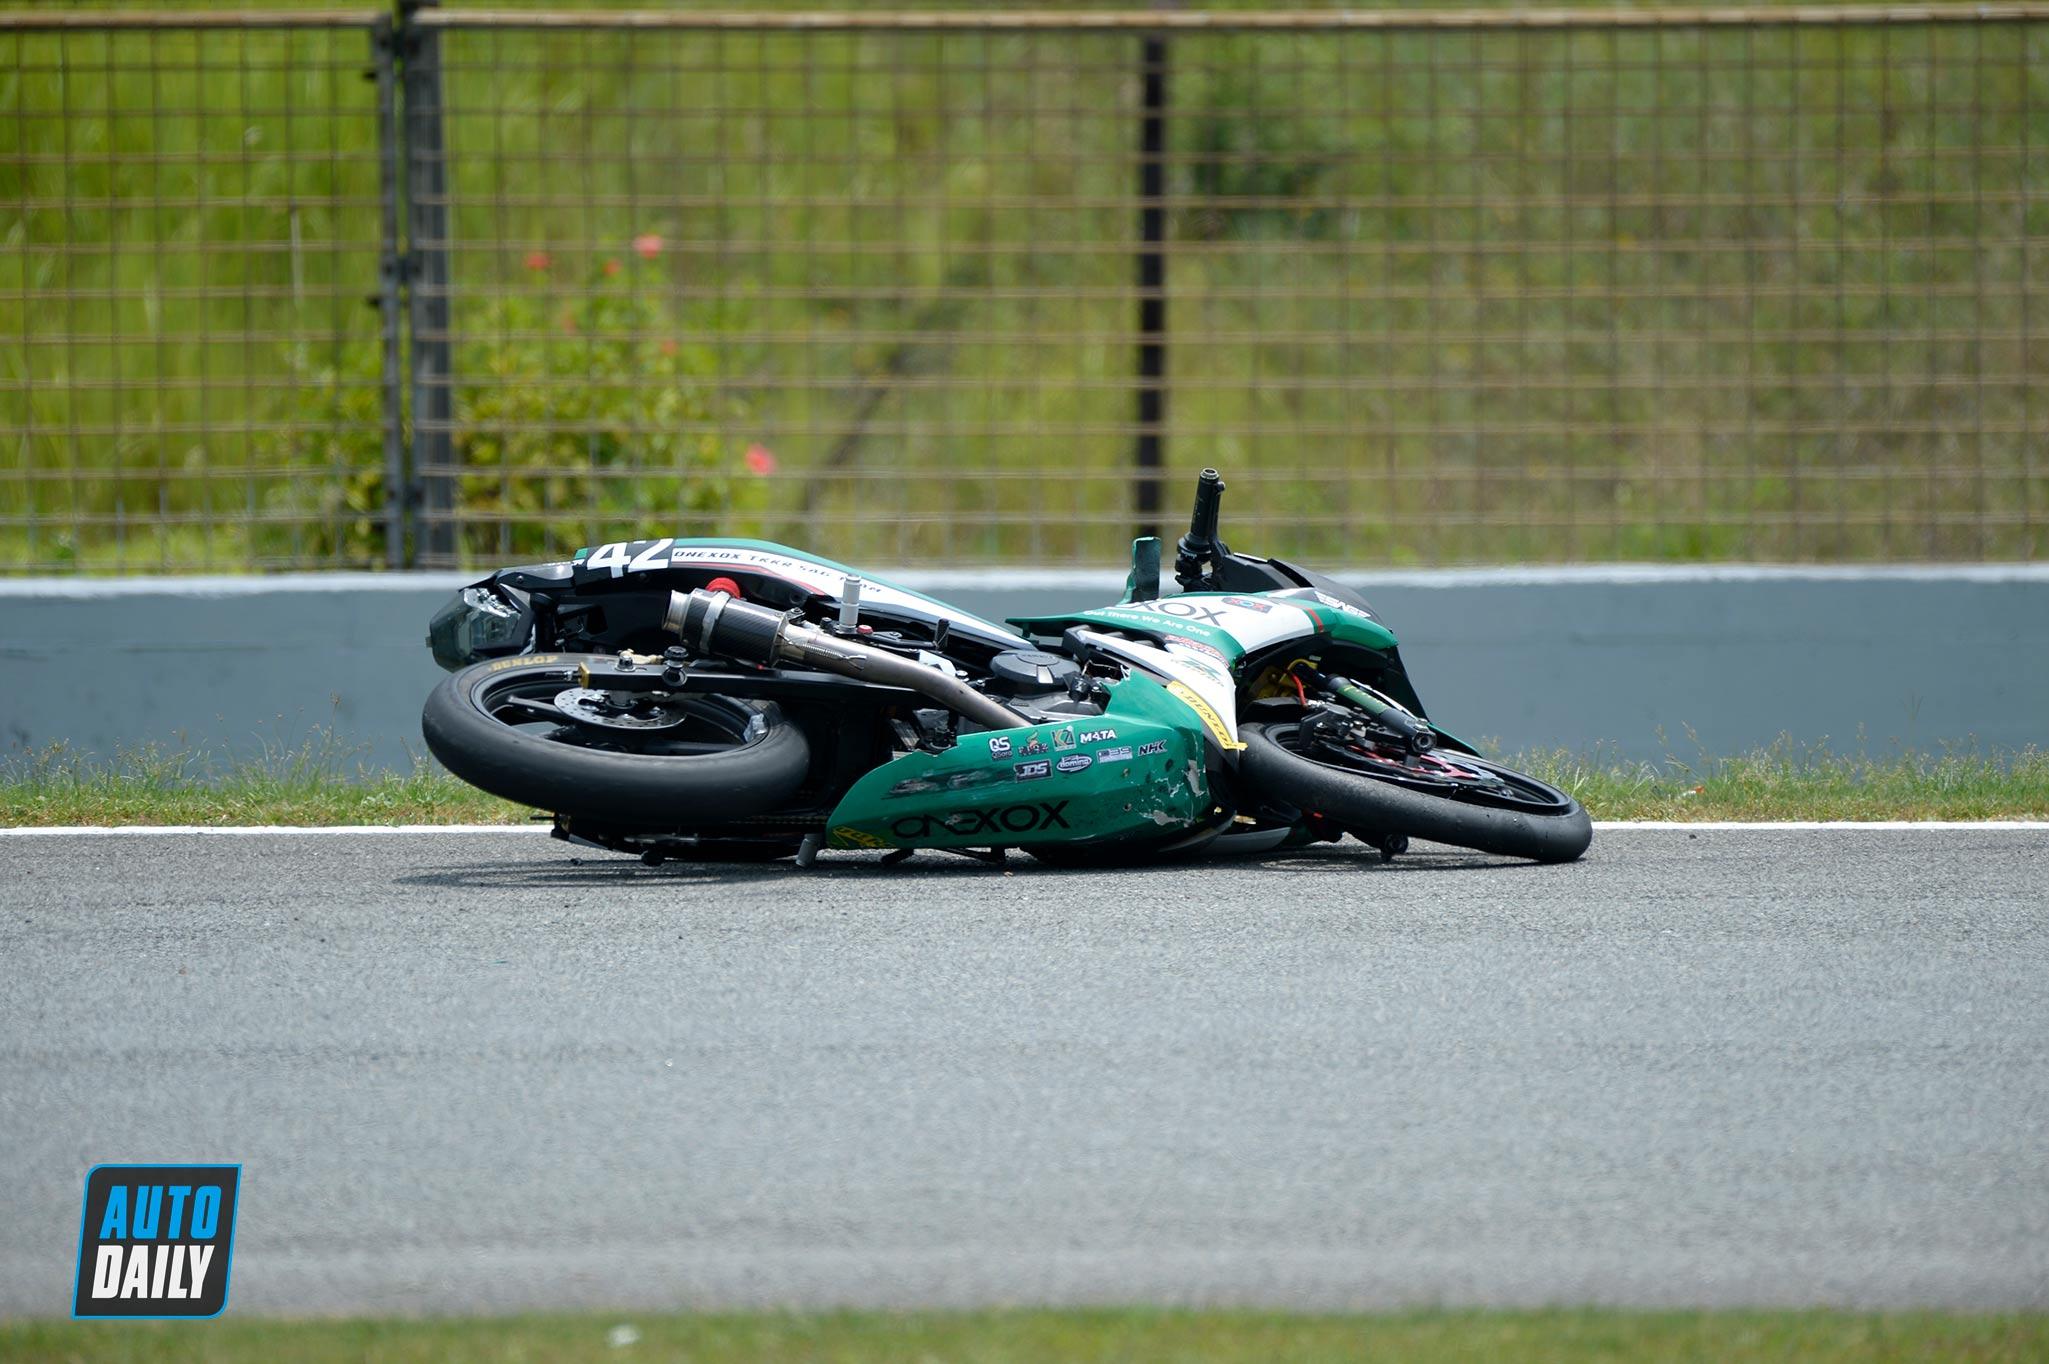 arrc-2019-race2-autodaily-08.jpg